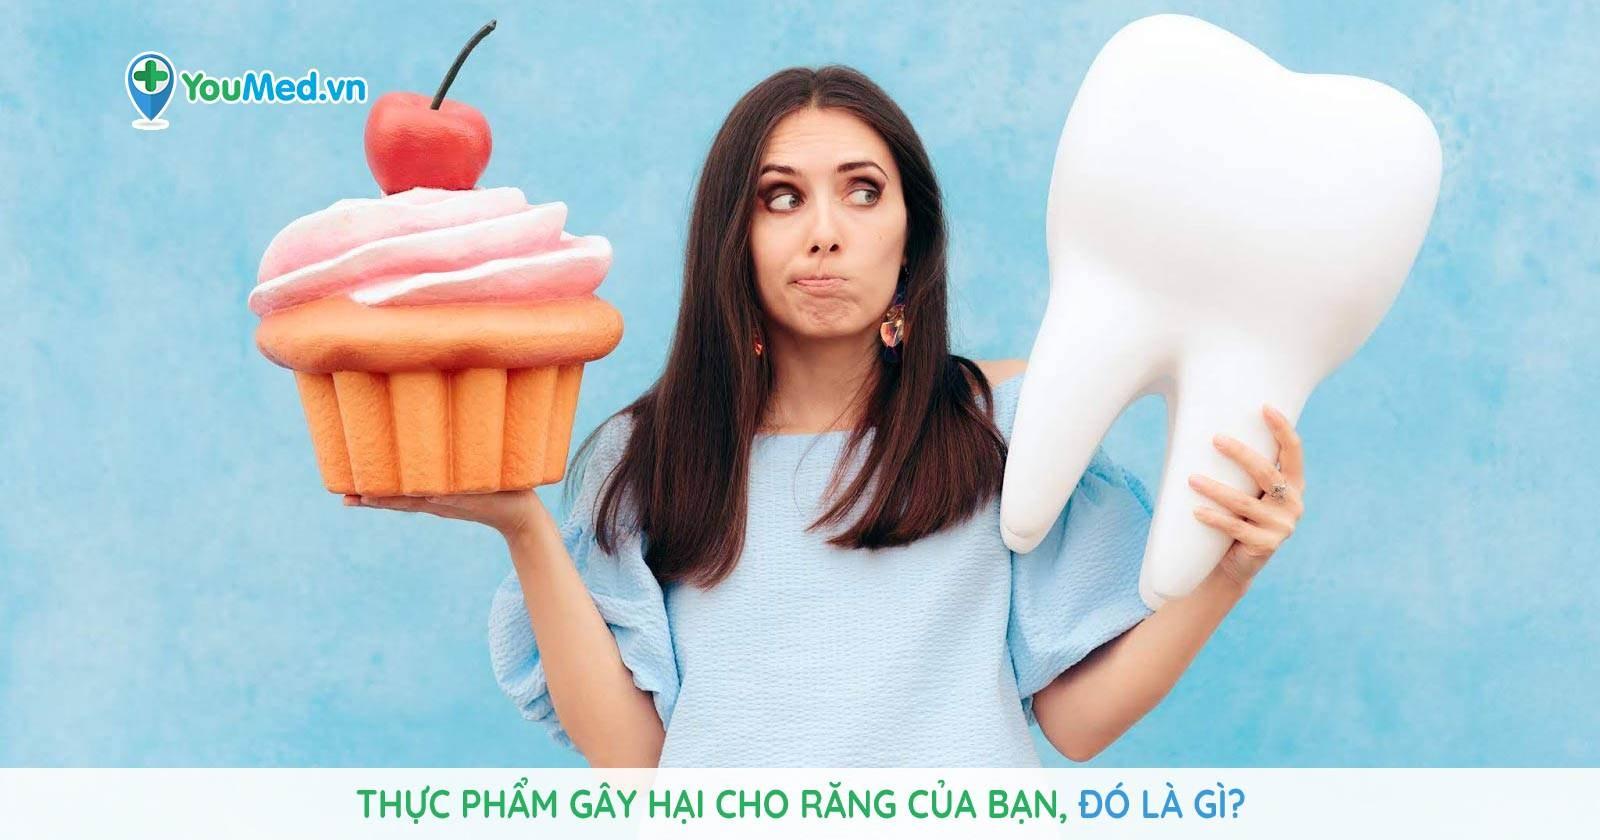 Thực phẩm gây hại cho răng của bạn, đó là gì